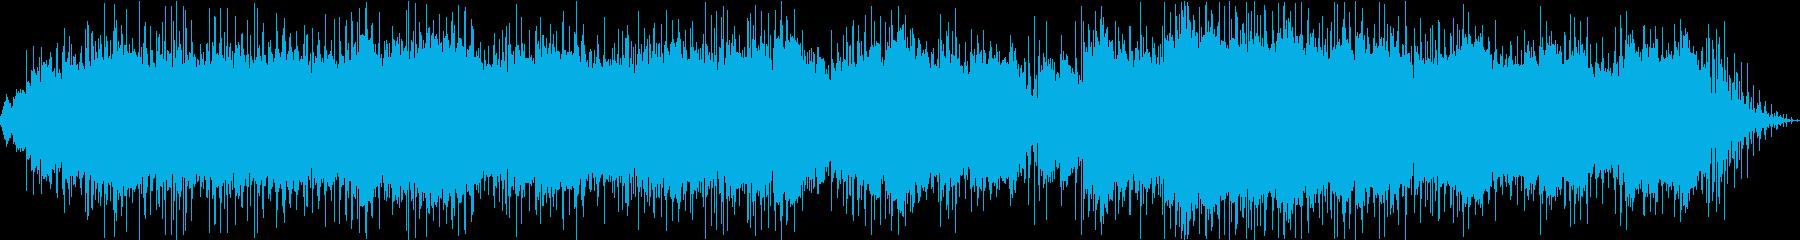 ガムランが響くヒーリングアンビエントの再生済みの波形